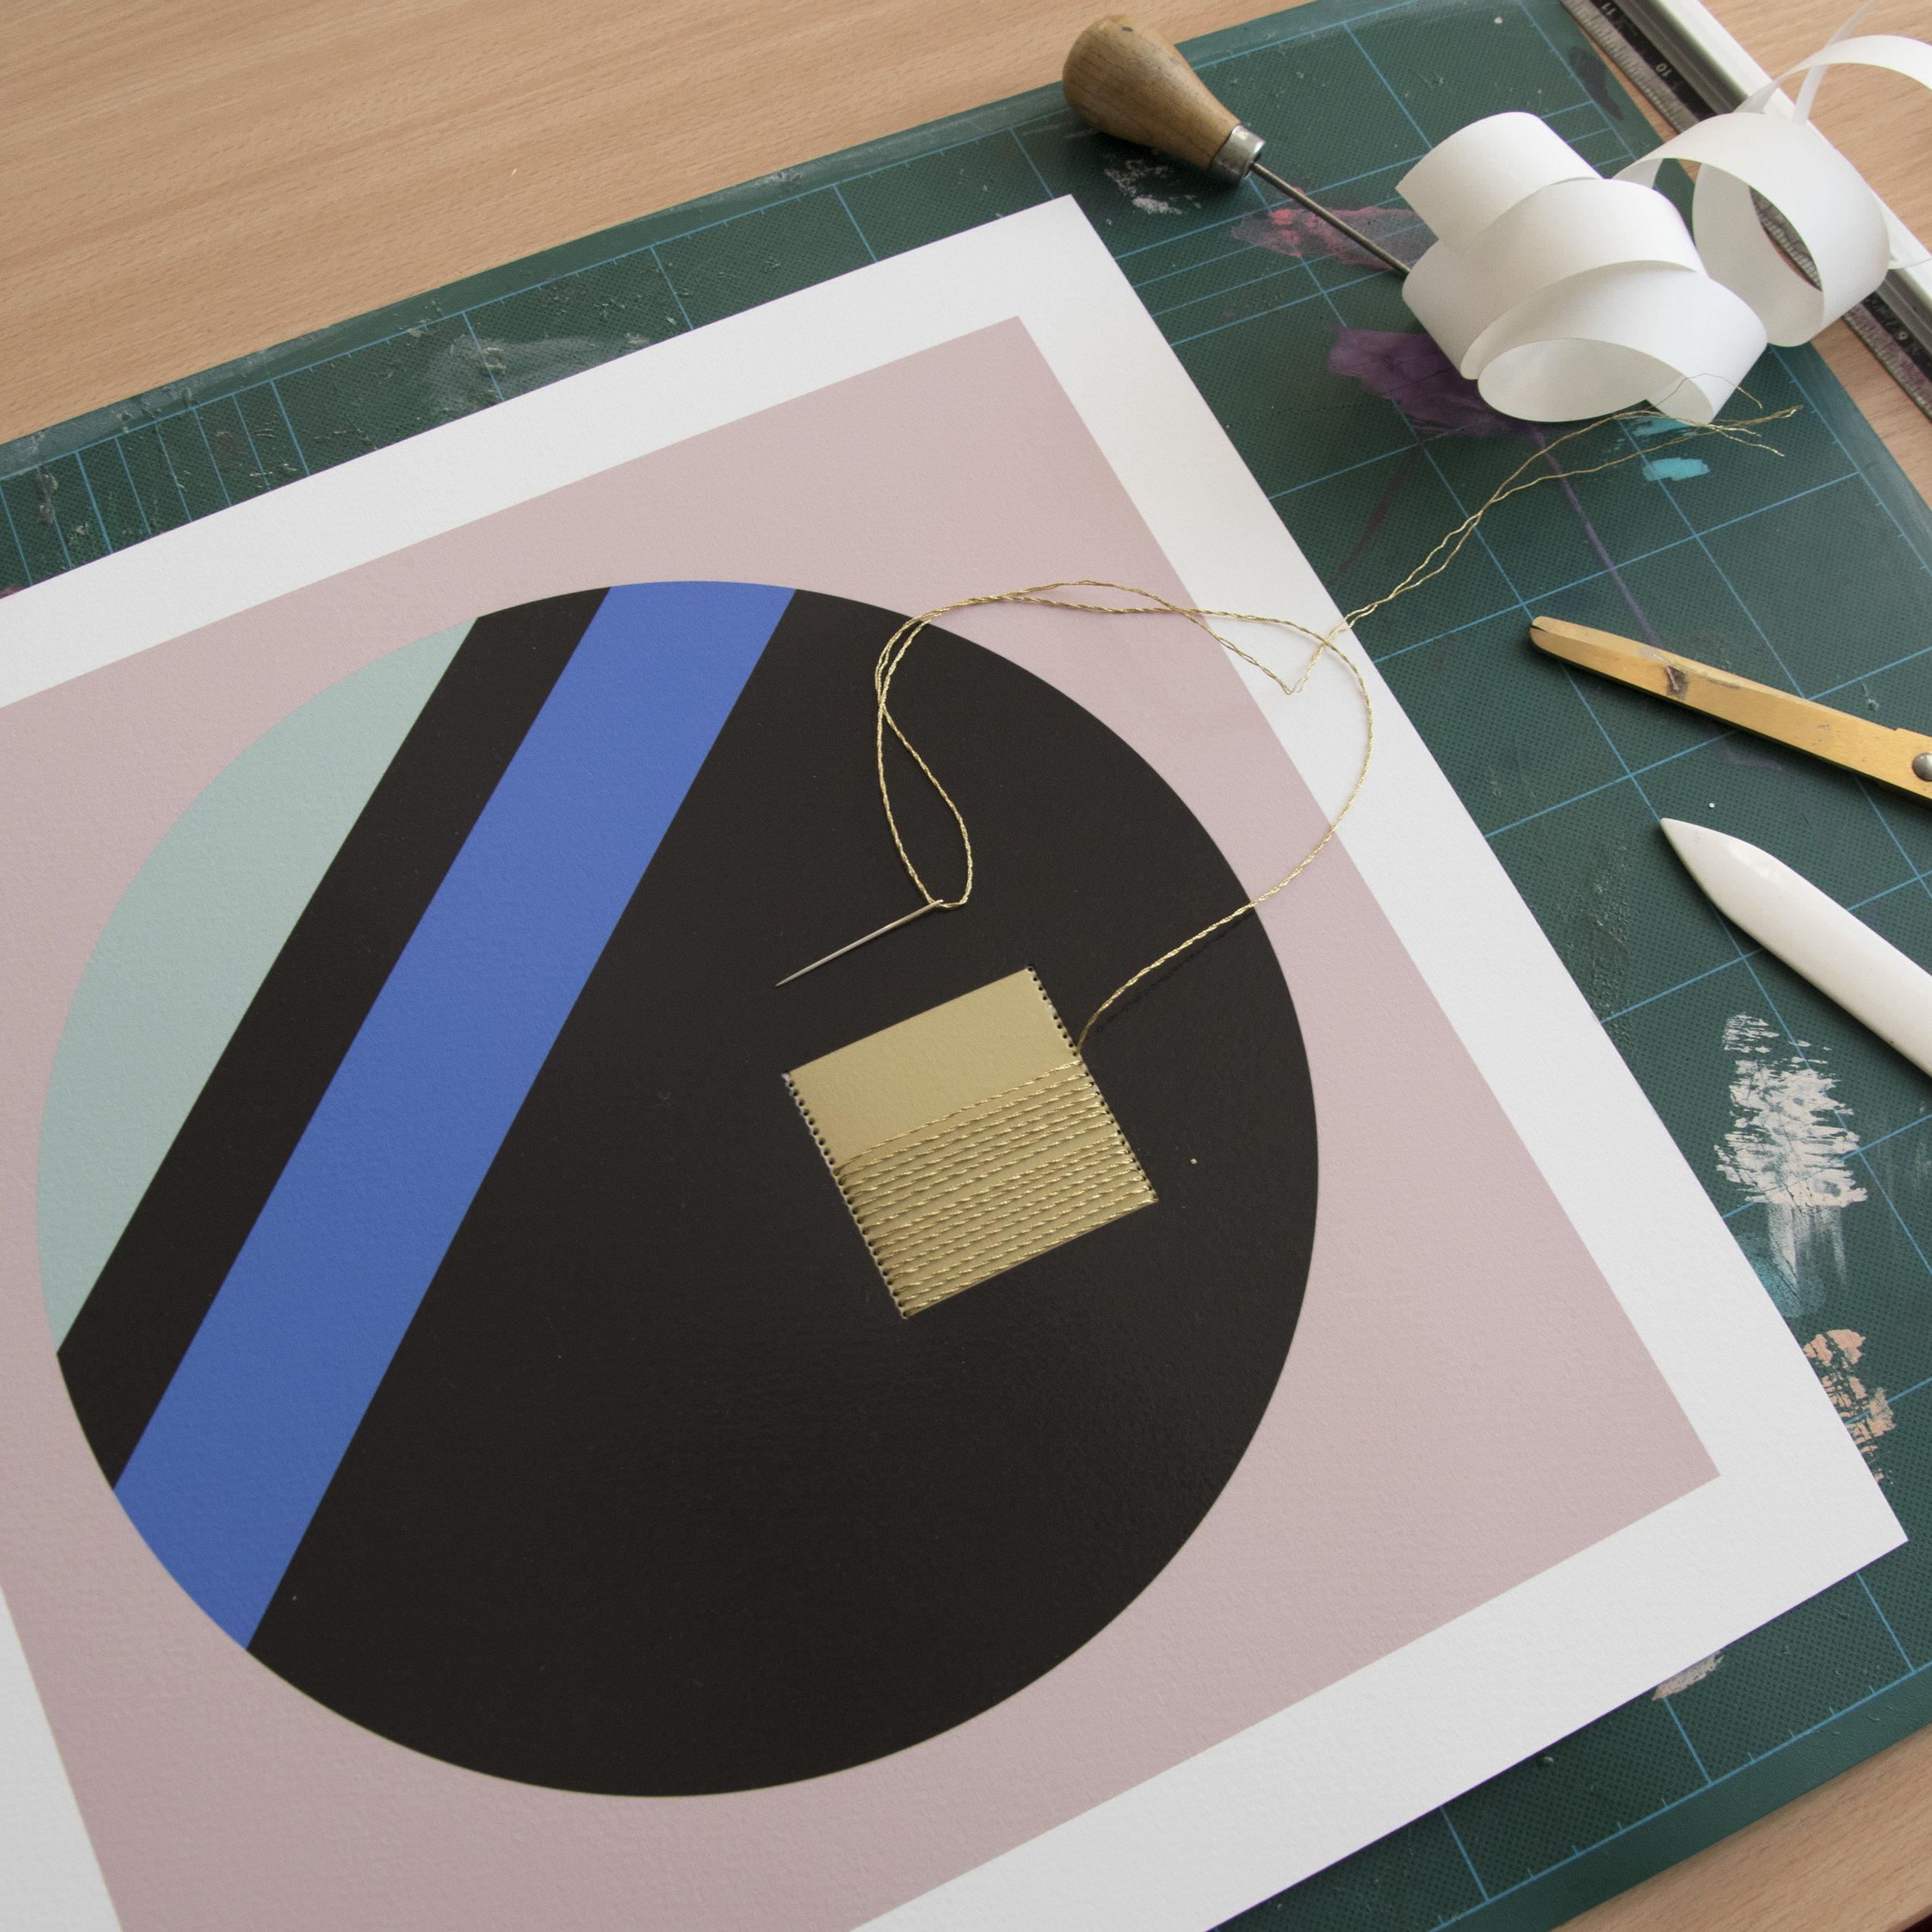 STUDIO-ARTIST-STITCHING-ARTWORK